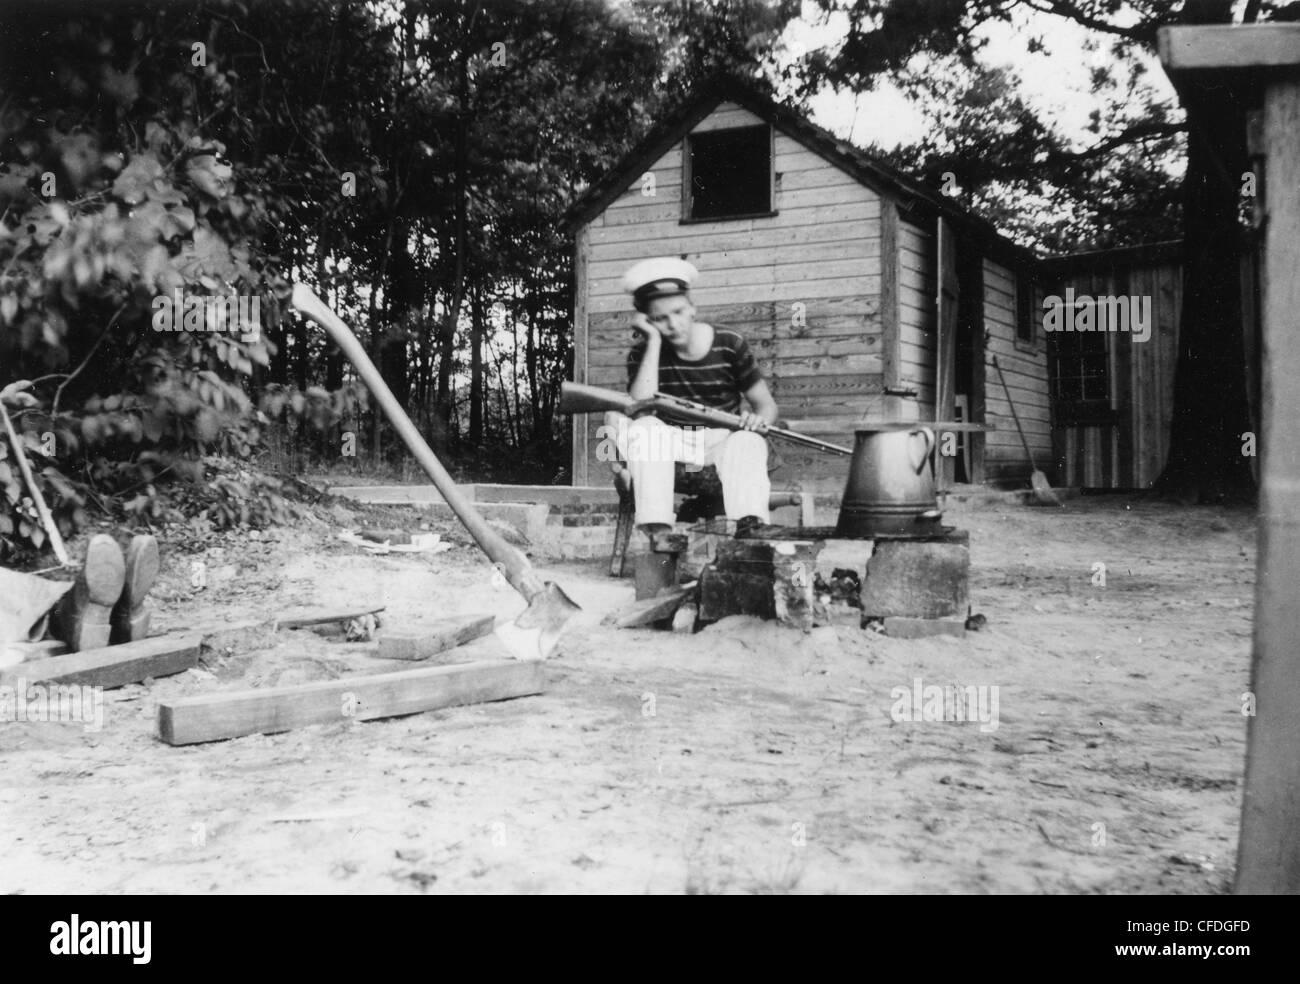 Junge sitzt mit Gewehr außerhalb Gehöft Haus Marine uniform Feuer Wasserkocher 1920s 1930s traumhafte Stockbild